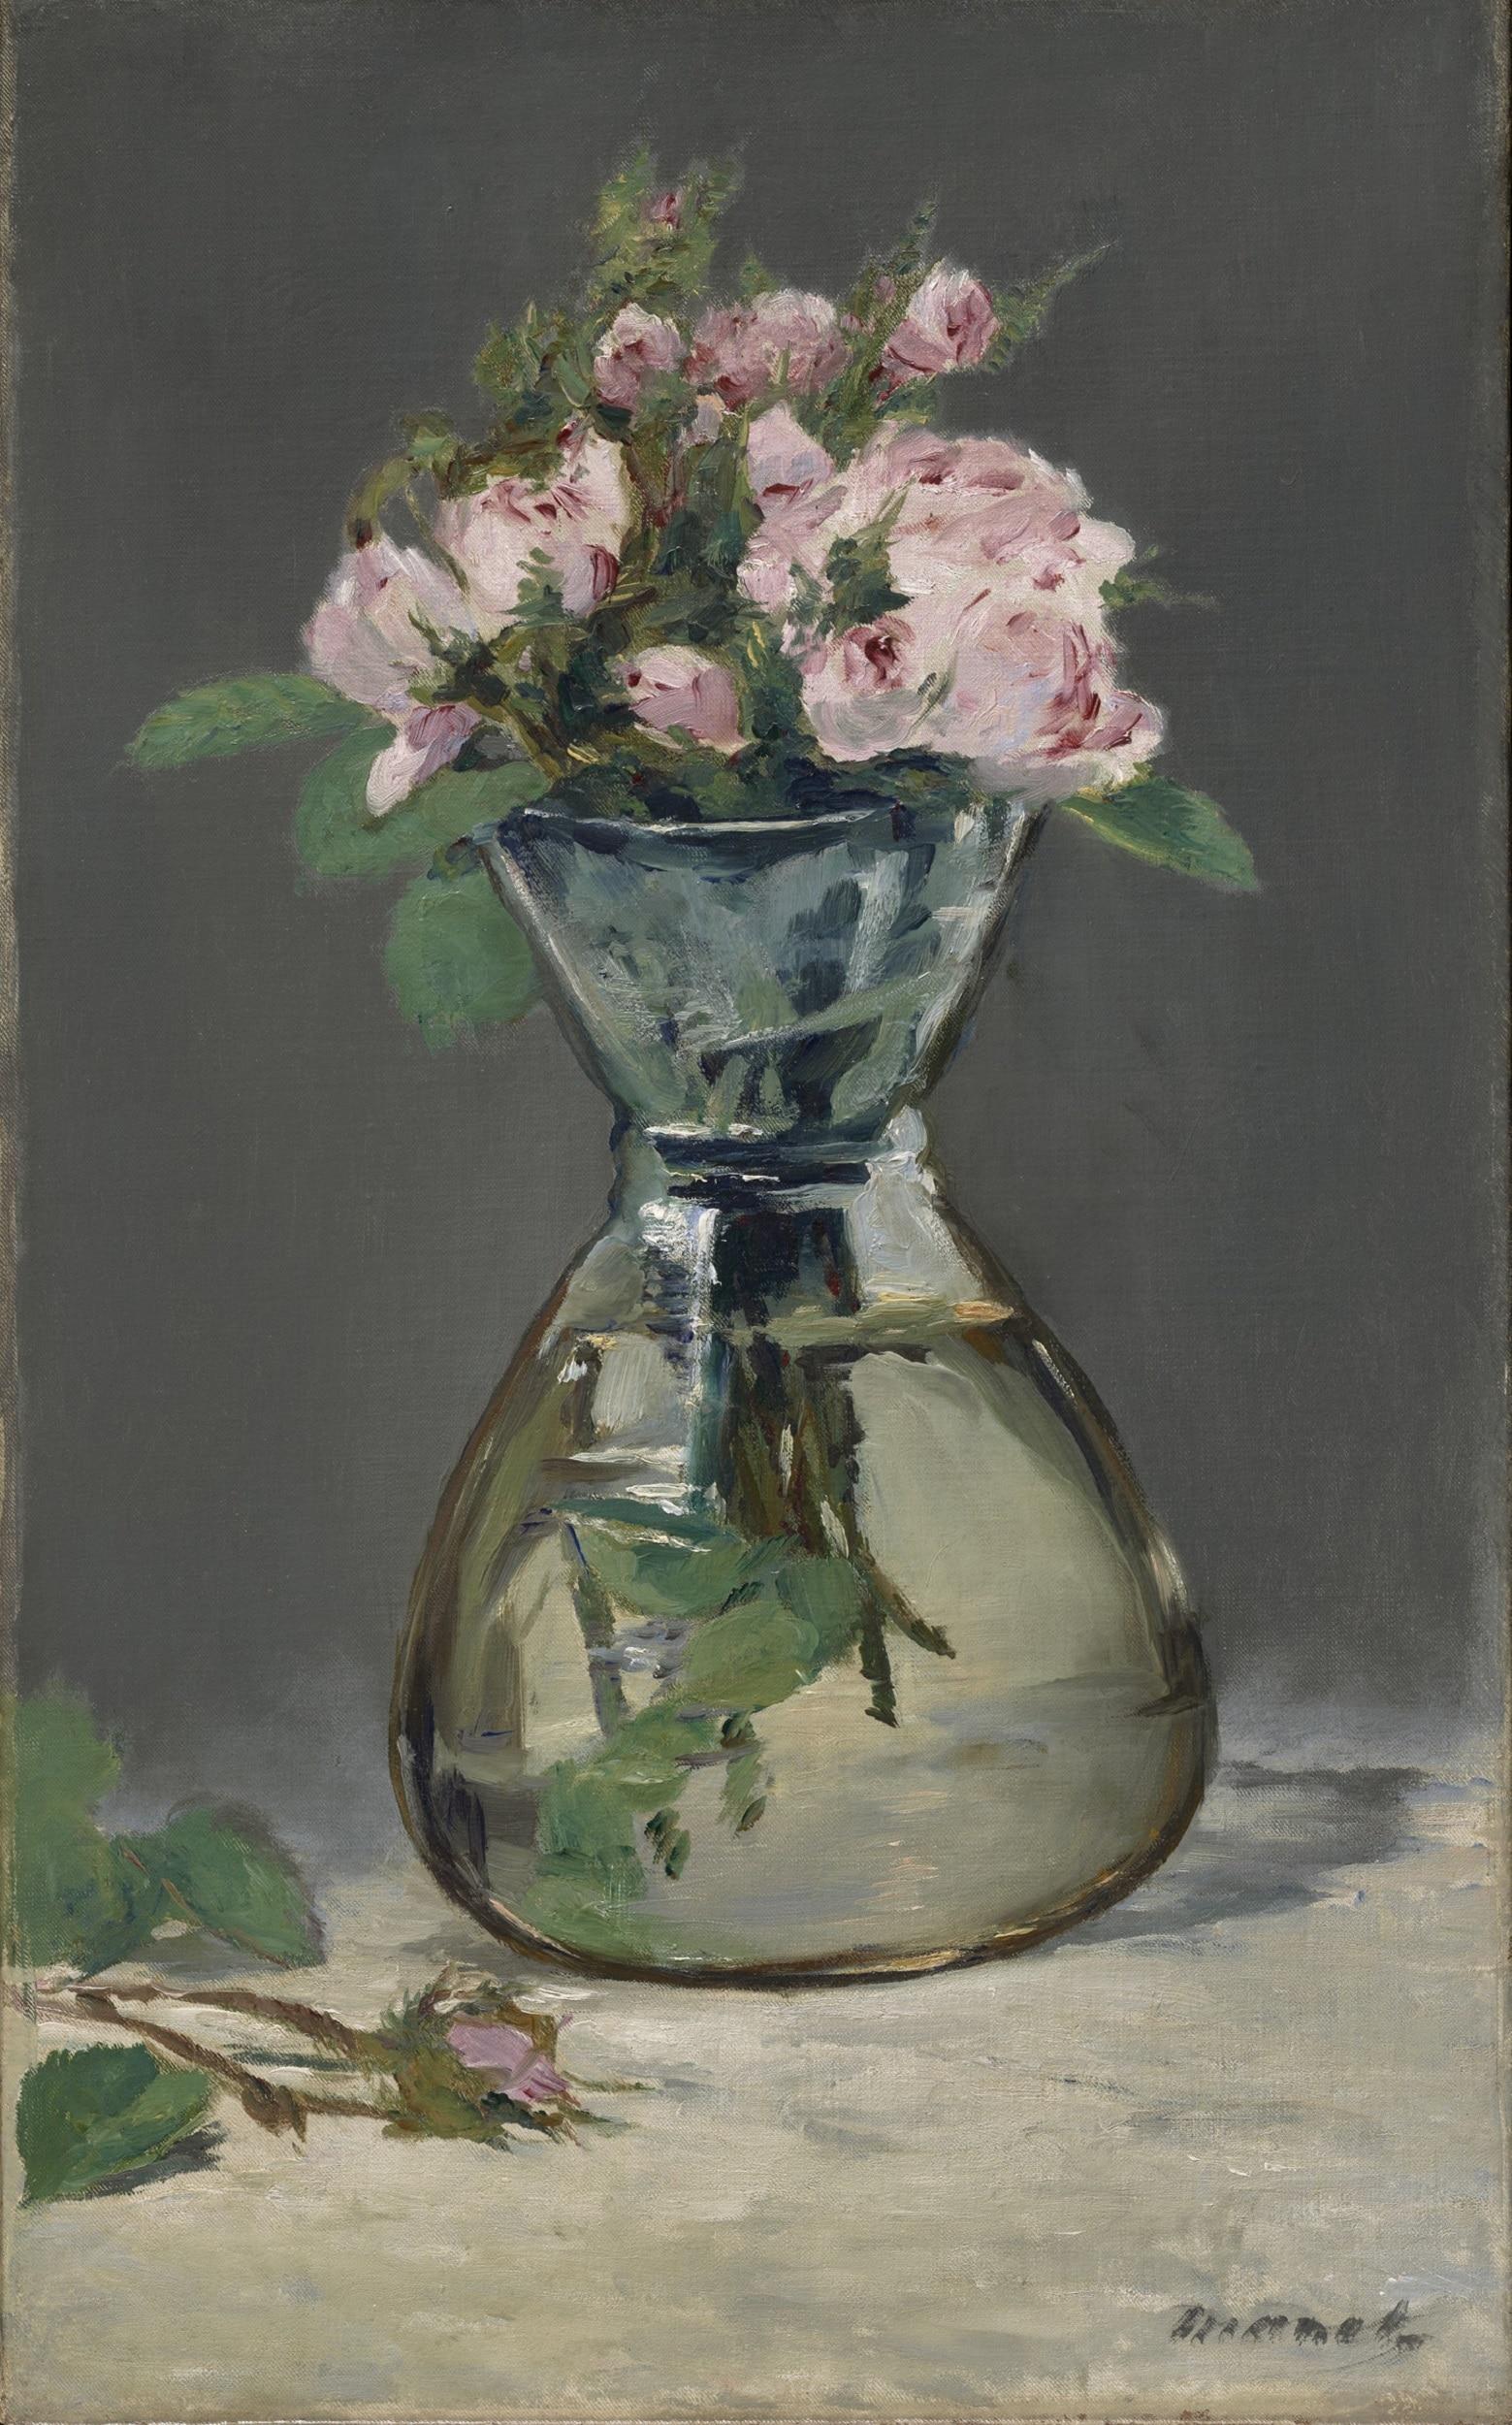 Édouard Manet, Roses mousseuses dans un vase